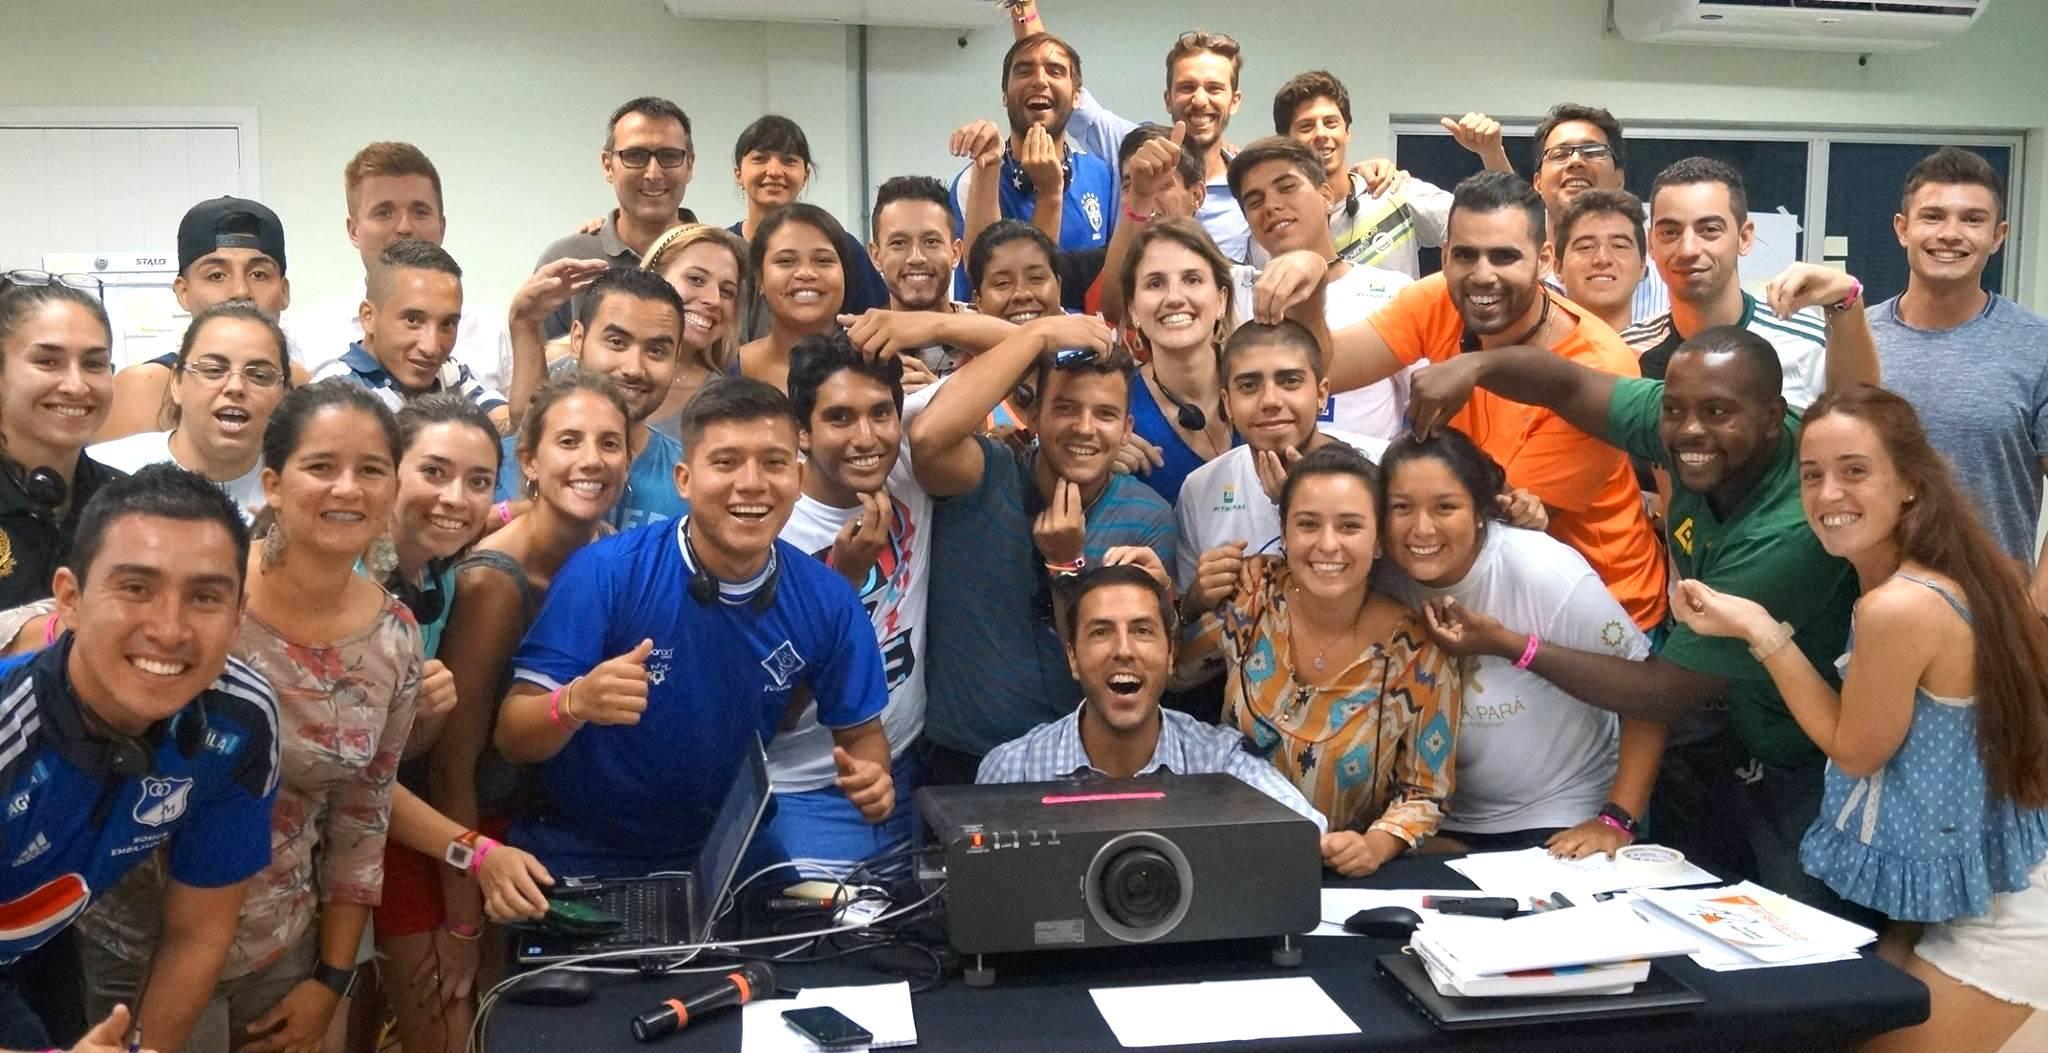 Jovens de seis países da América Latina se tornam amigos e o clima fica descontraído.